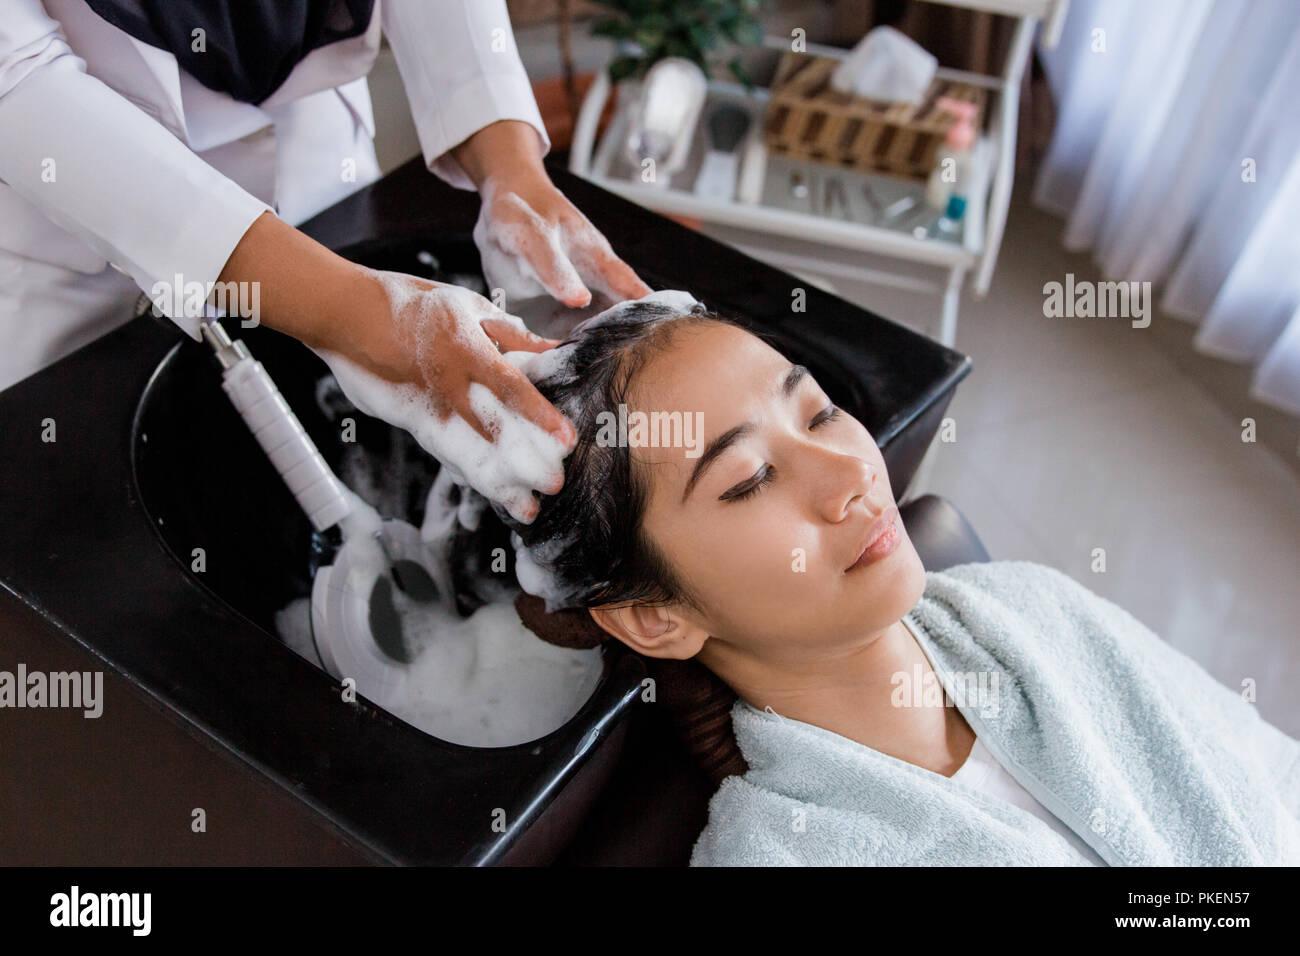 Lavar el cabello en un salón de belleza Imagen De Stock